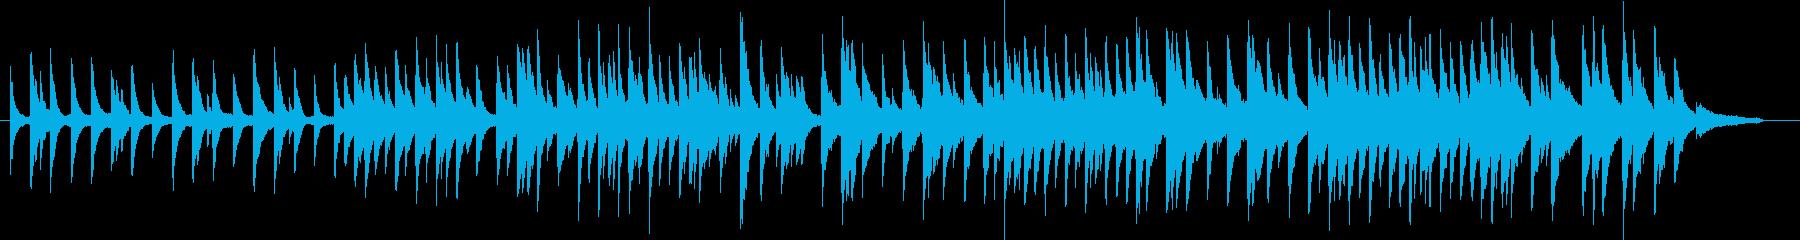 威風堂々のピアノソロバージョン ト長調の再生済みの波形